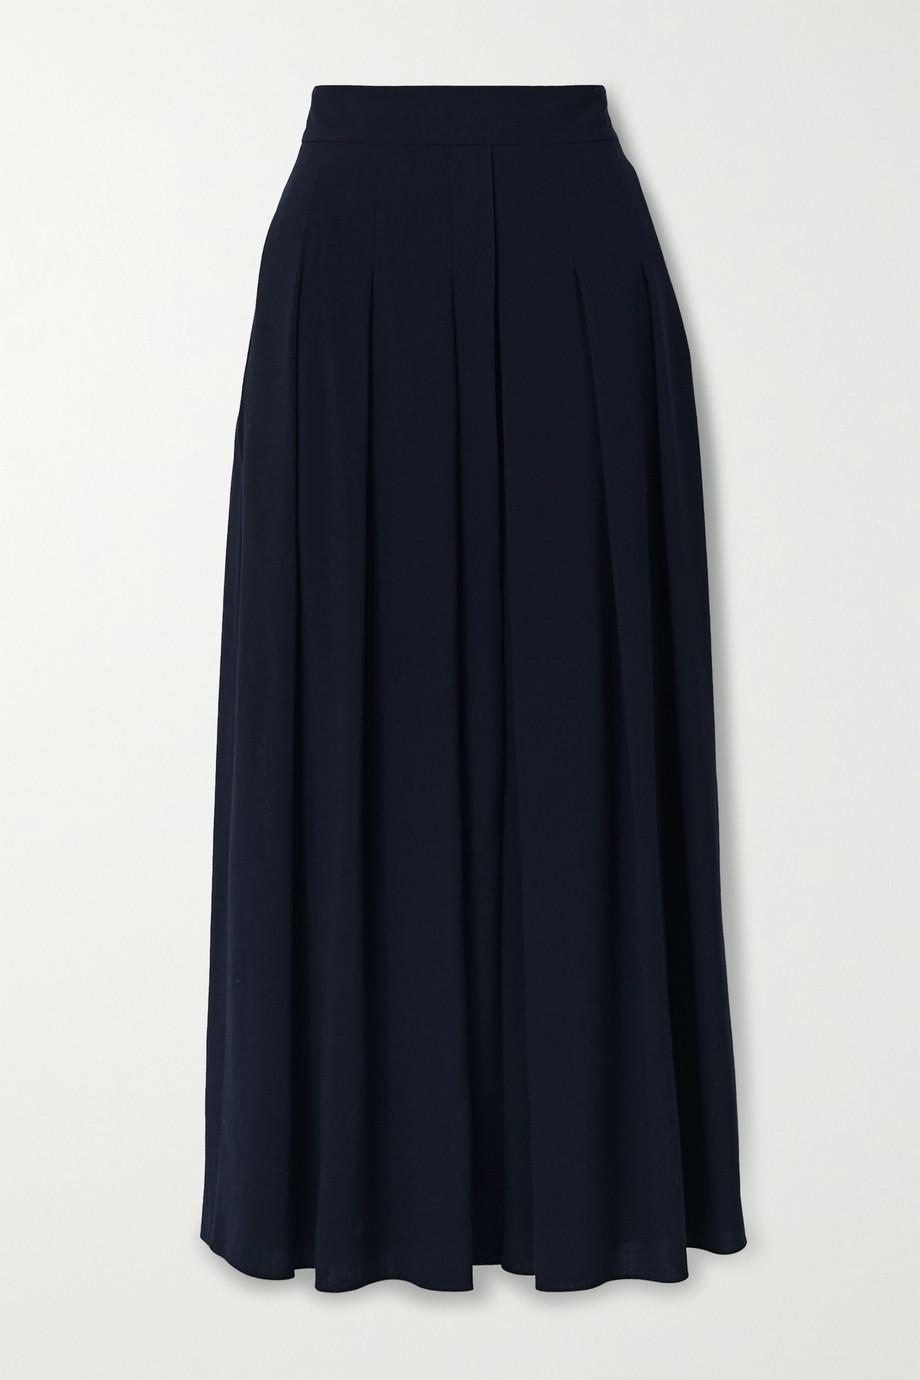 Akris Pleated wool-crepe midi skirt